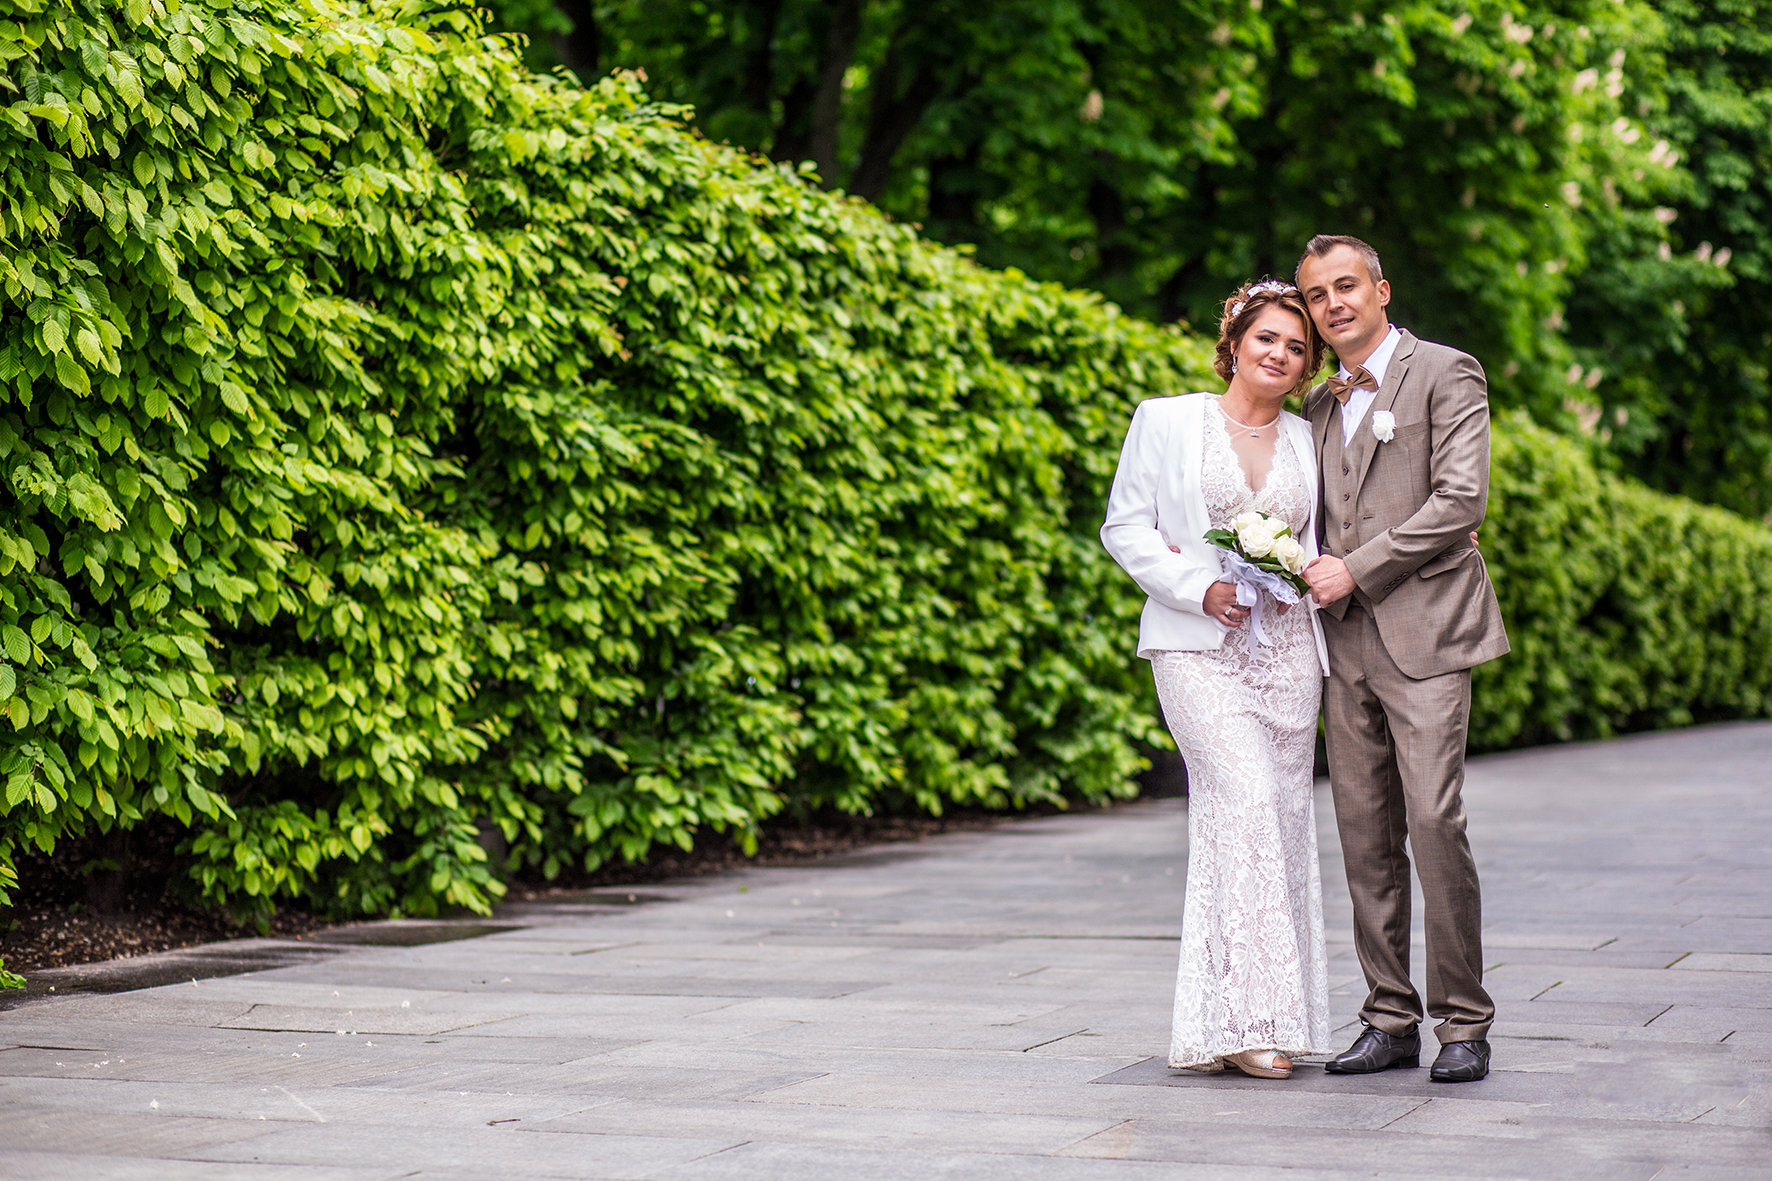 Парк для фото на свадьбу